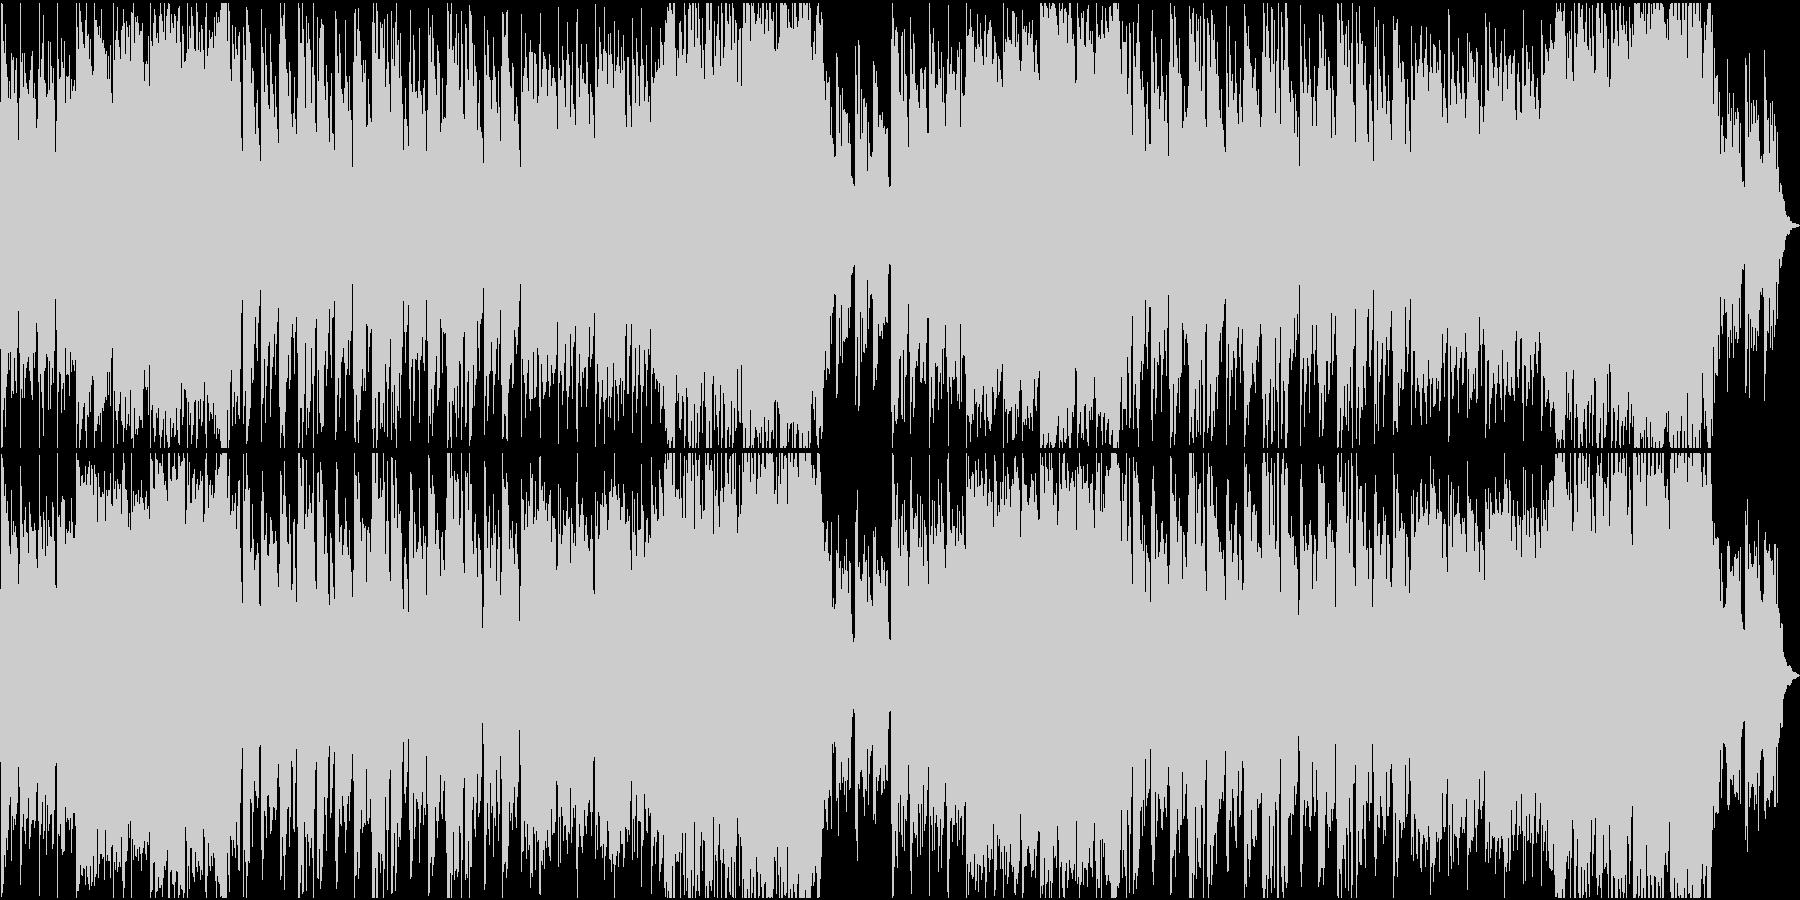 ゲーム/ダークで威圧感のあるオケ曲の未再生の波形